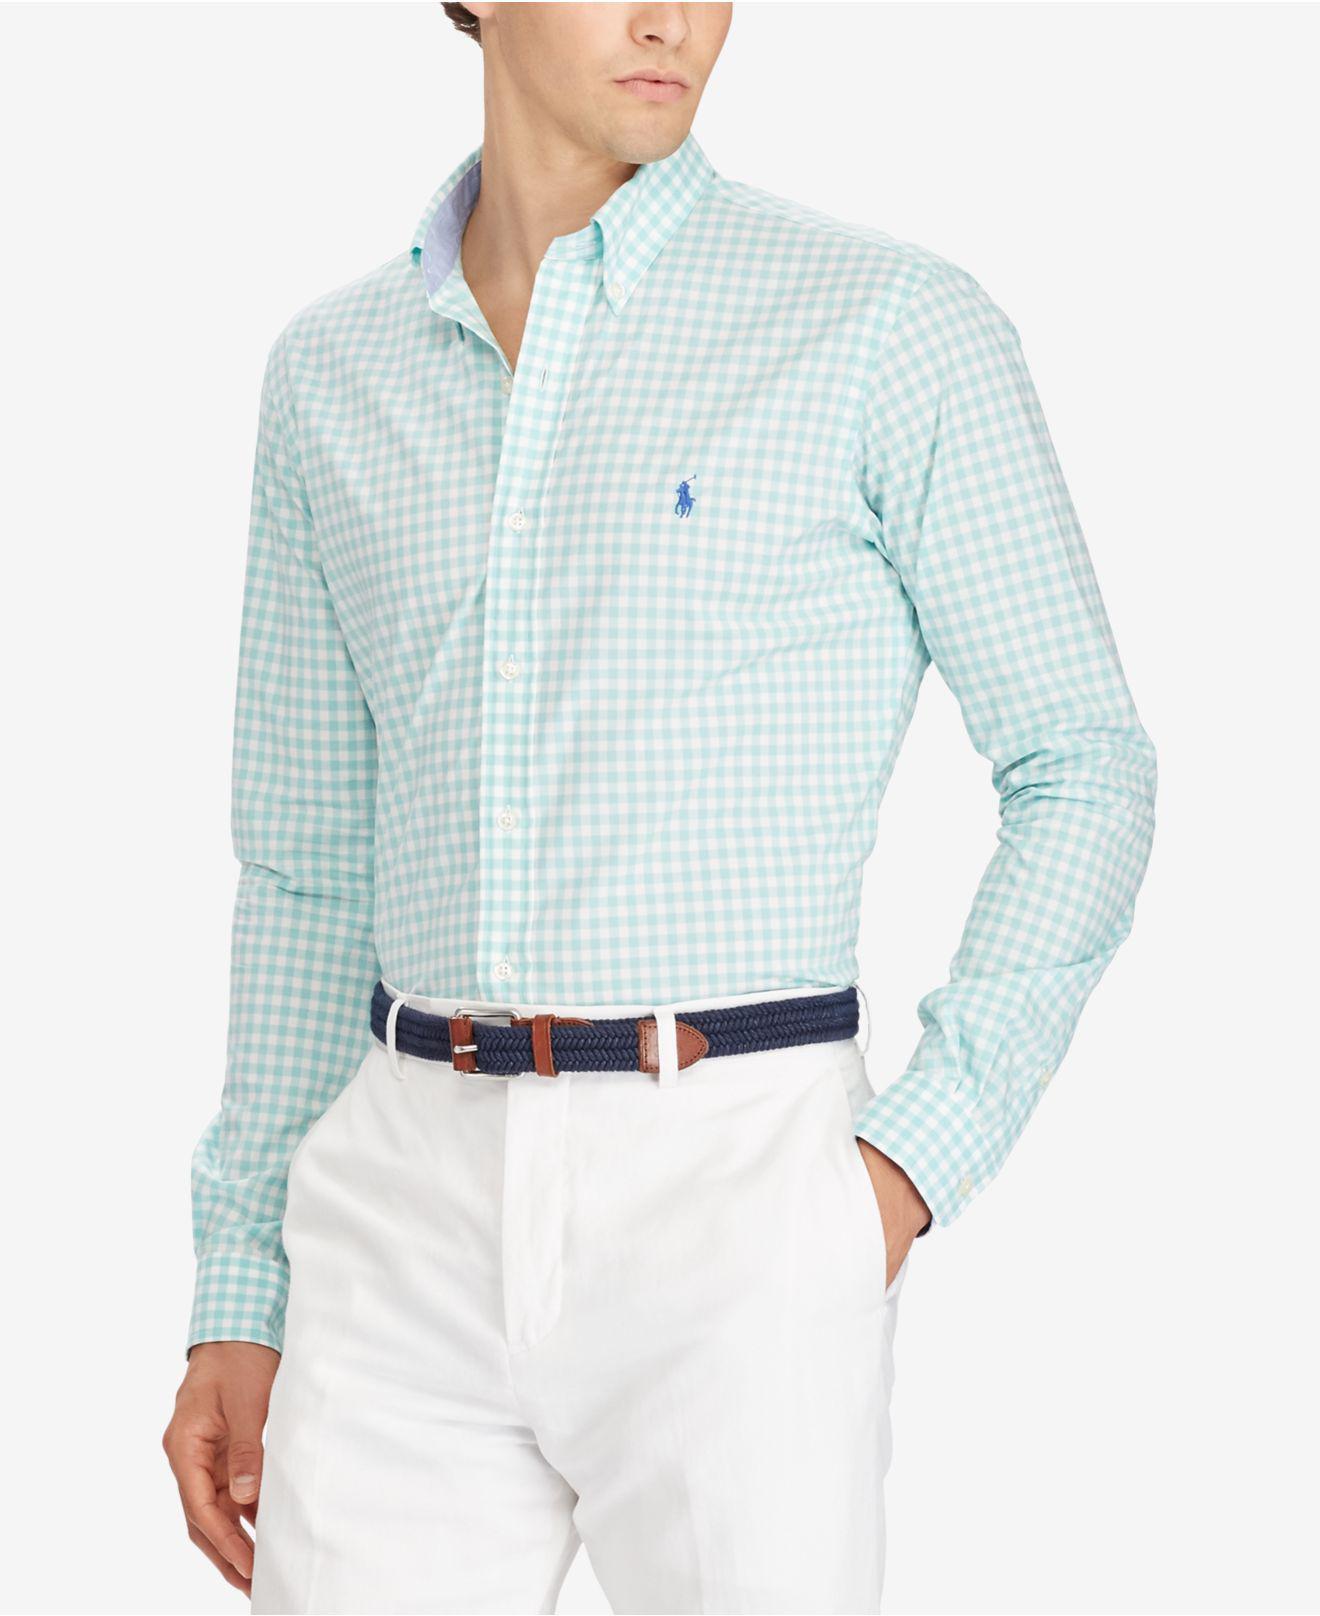 Macys Polo Ralph Lauren Mens Dress Shirts